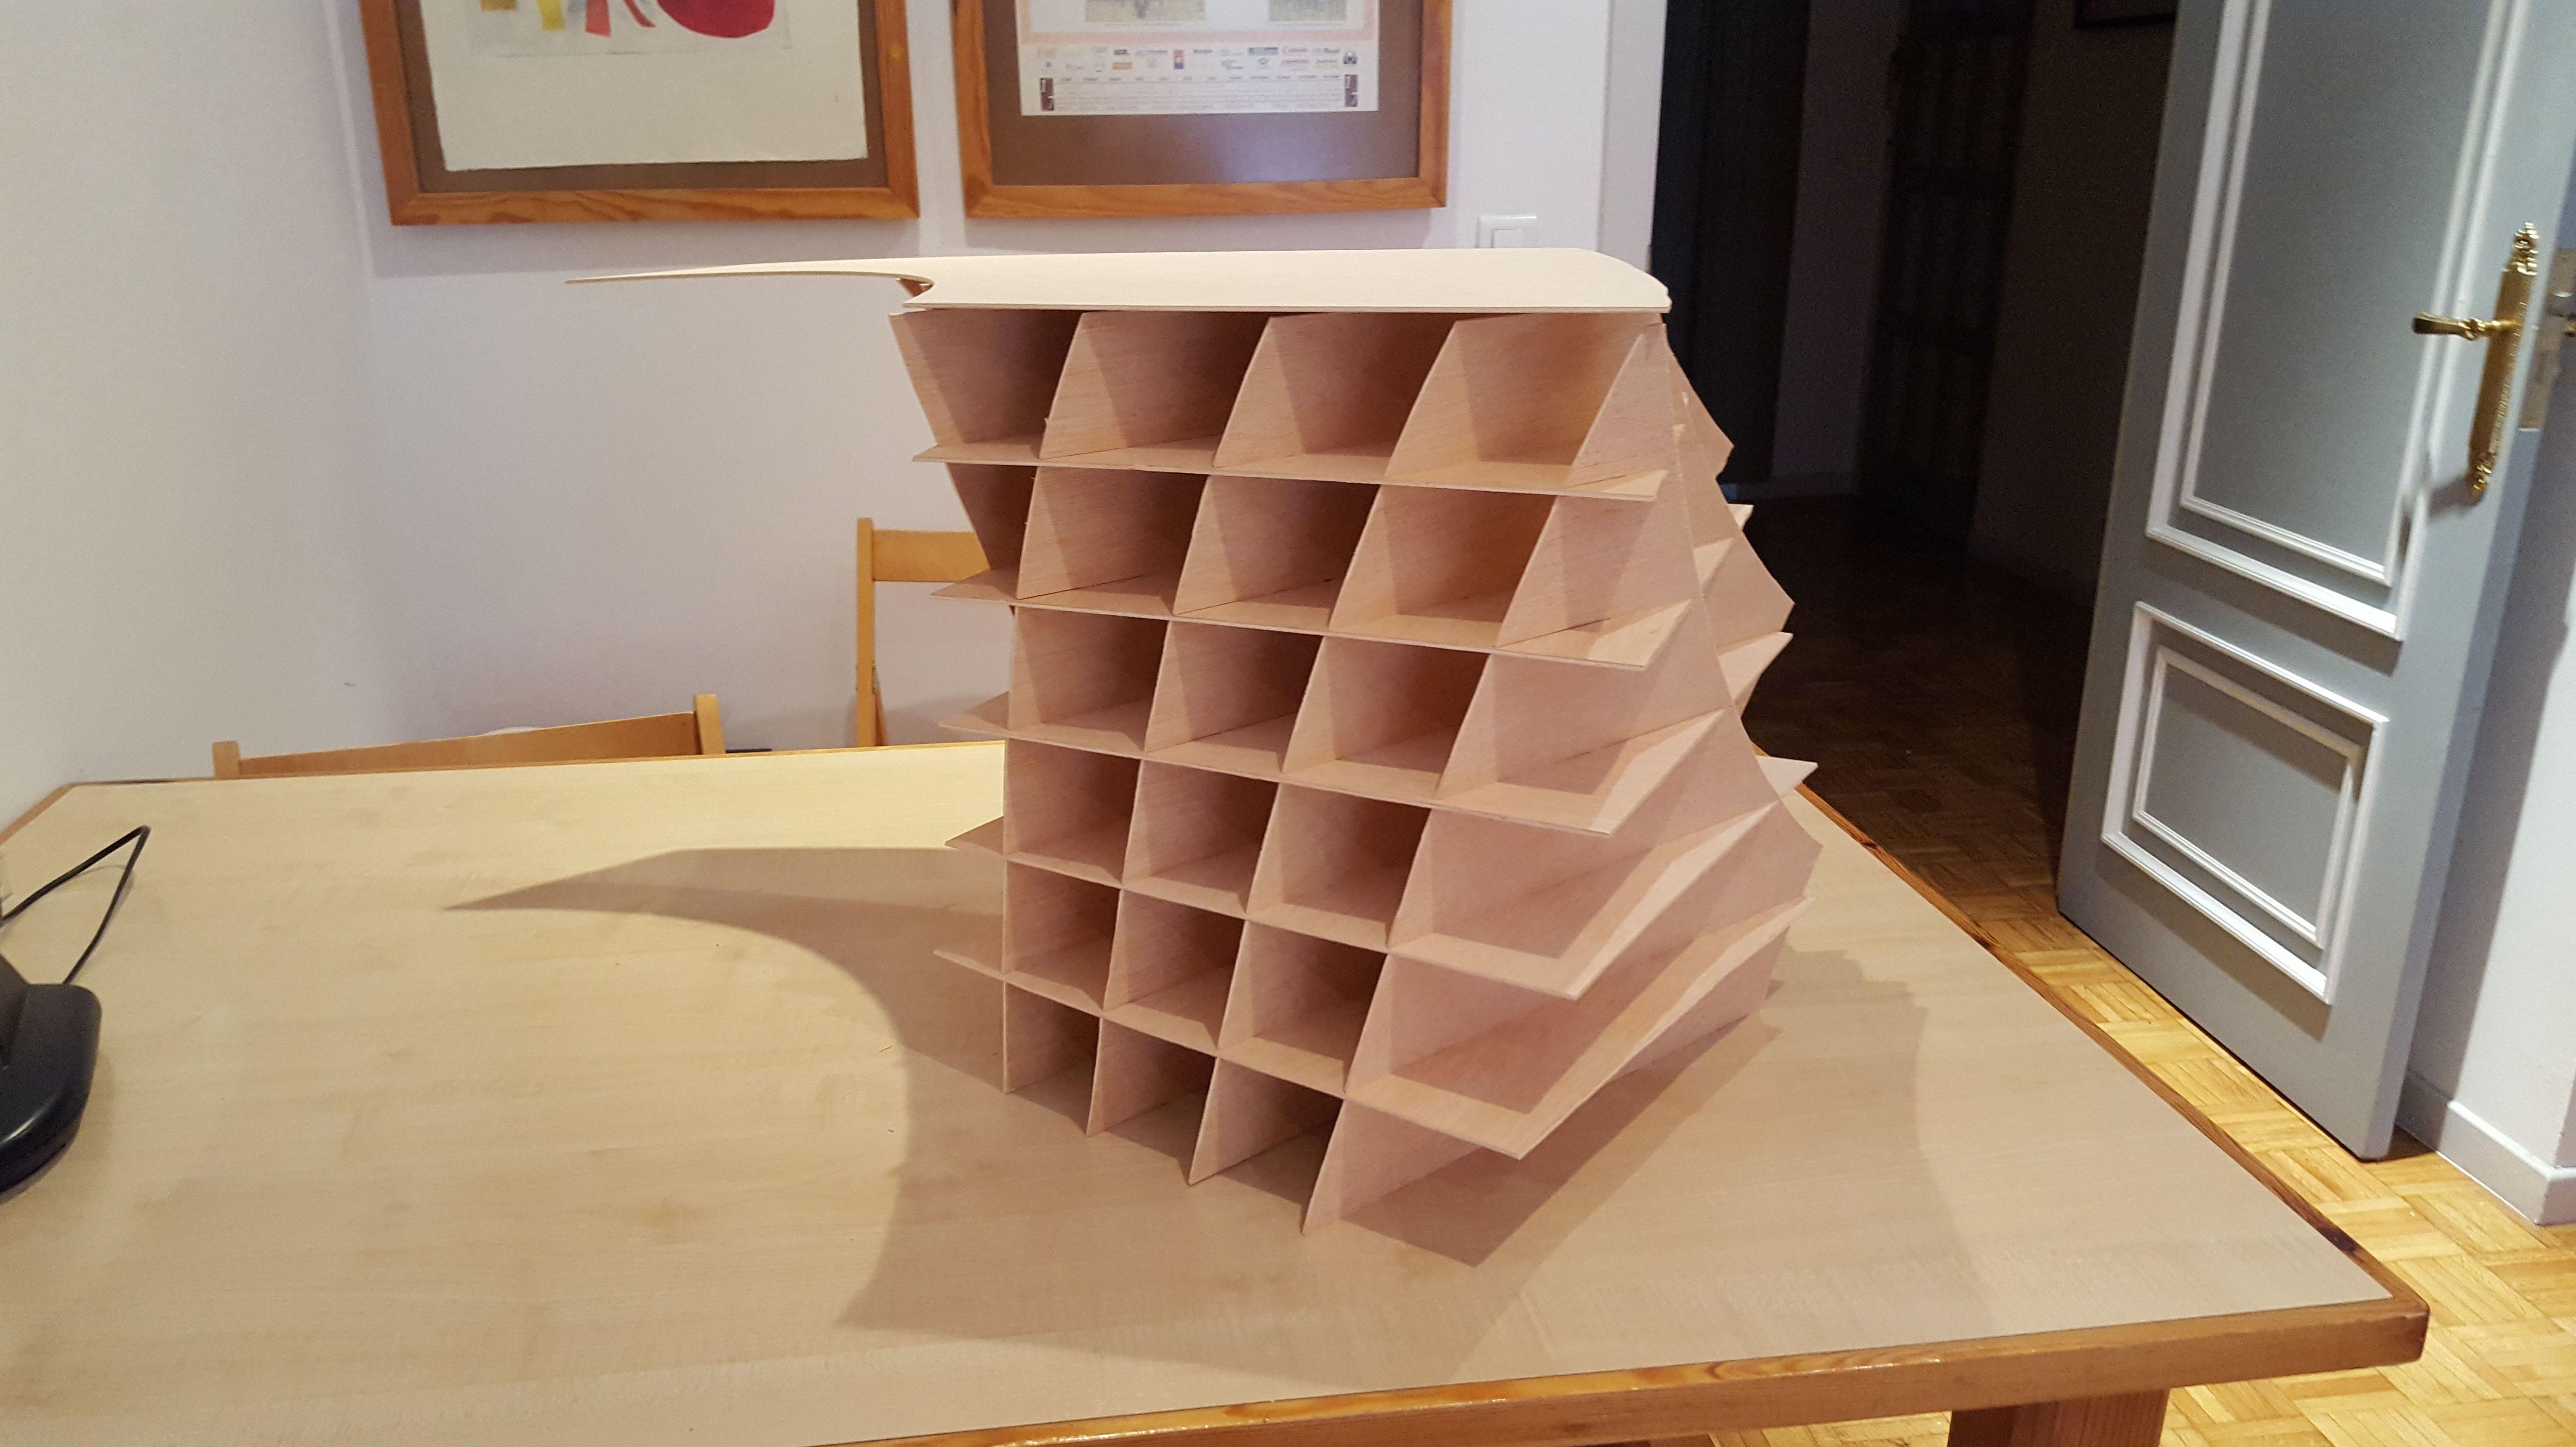 Arquitectura param trica edificios dise o interiores for Arquitectura parametrica